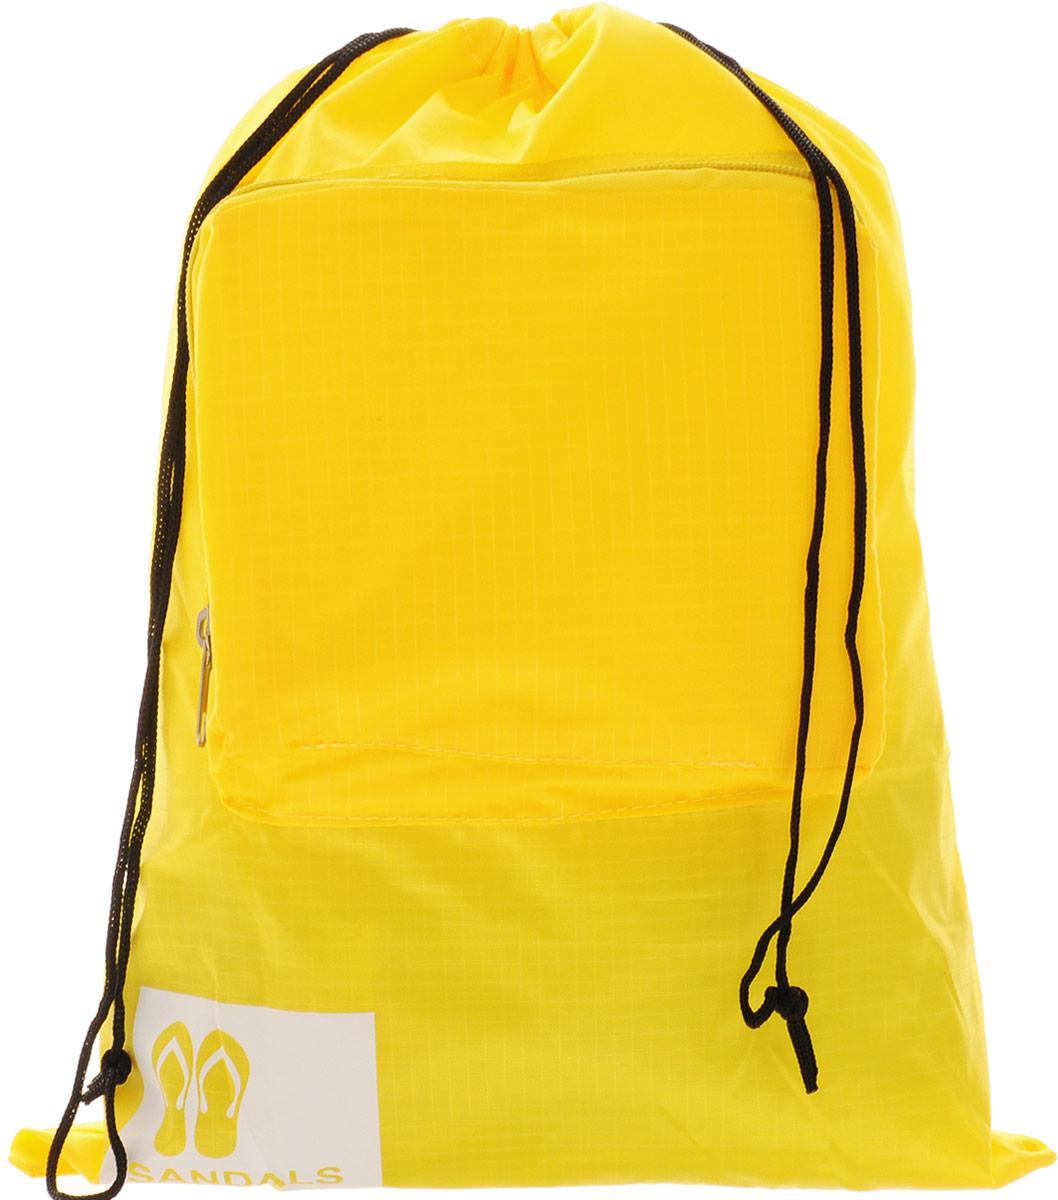 Colibri Чехол для обуви, цвет: желтый, 39 х 31 смG5024Чехол для обуви Colibri выполнен из 100% полиэстера. Изделие снабжено затягивающимся шнурком на кулиске. Спереди расположен небольшой накладной кармашек на молнии. Чехол предназначен для хранения и транспортировки обуви, благодаря небольшим размерам не займет много места у вас в чемодане. Кроме того, он легко и компактно складывается.Размер (в сложенном виде): 18 х 14 х 2 см.Размер (в разложенном виде): 39 х 31 см.